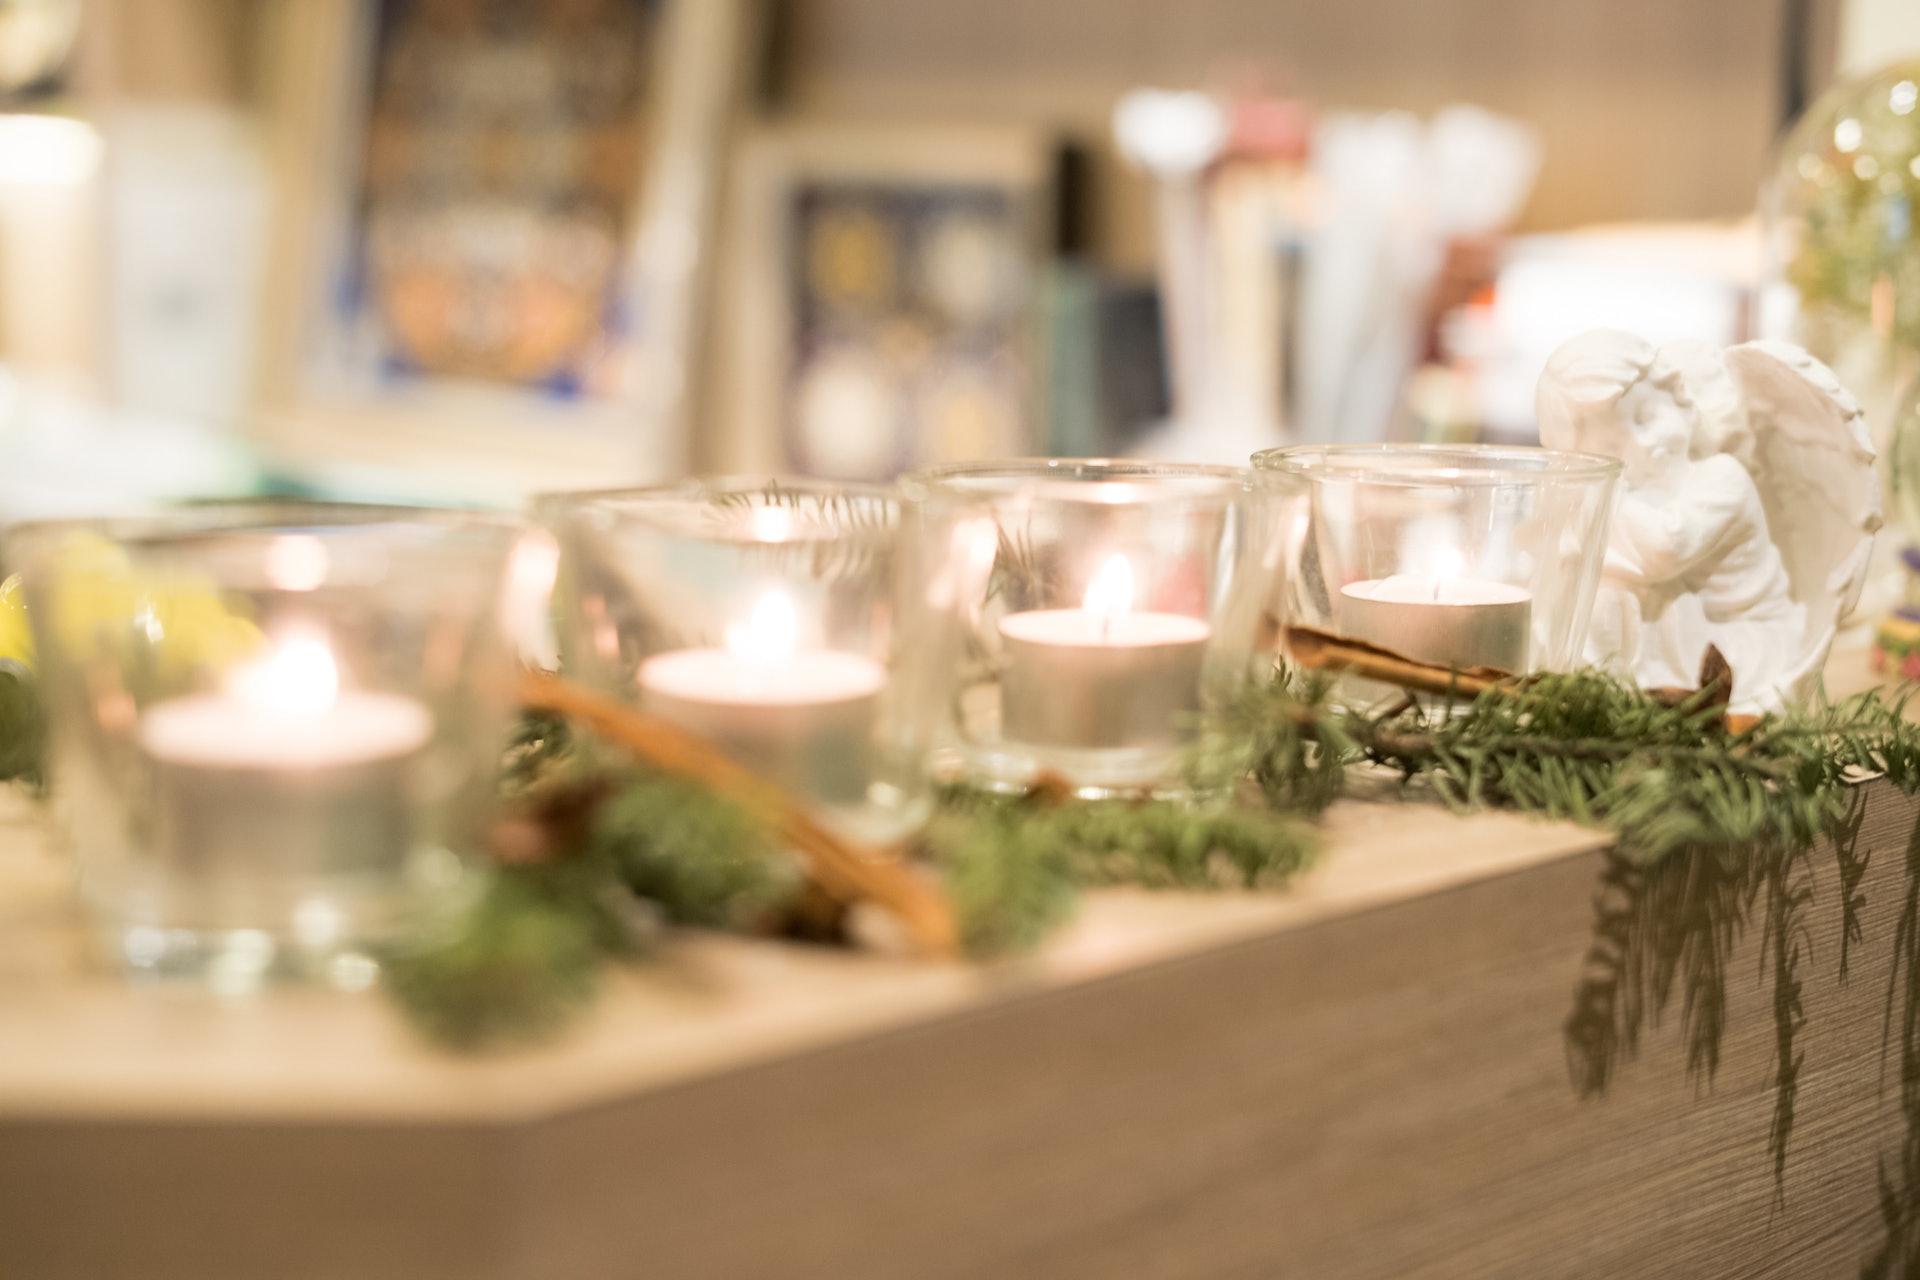 代表著「希望」、「快樂」、「愛情」和「和平」的四支蠟燭。(高仲明攝)